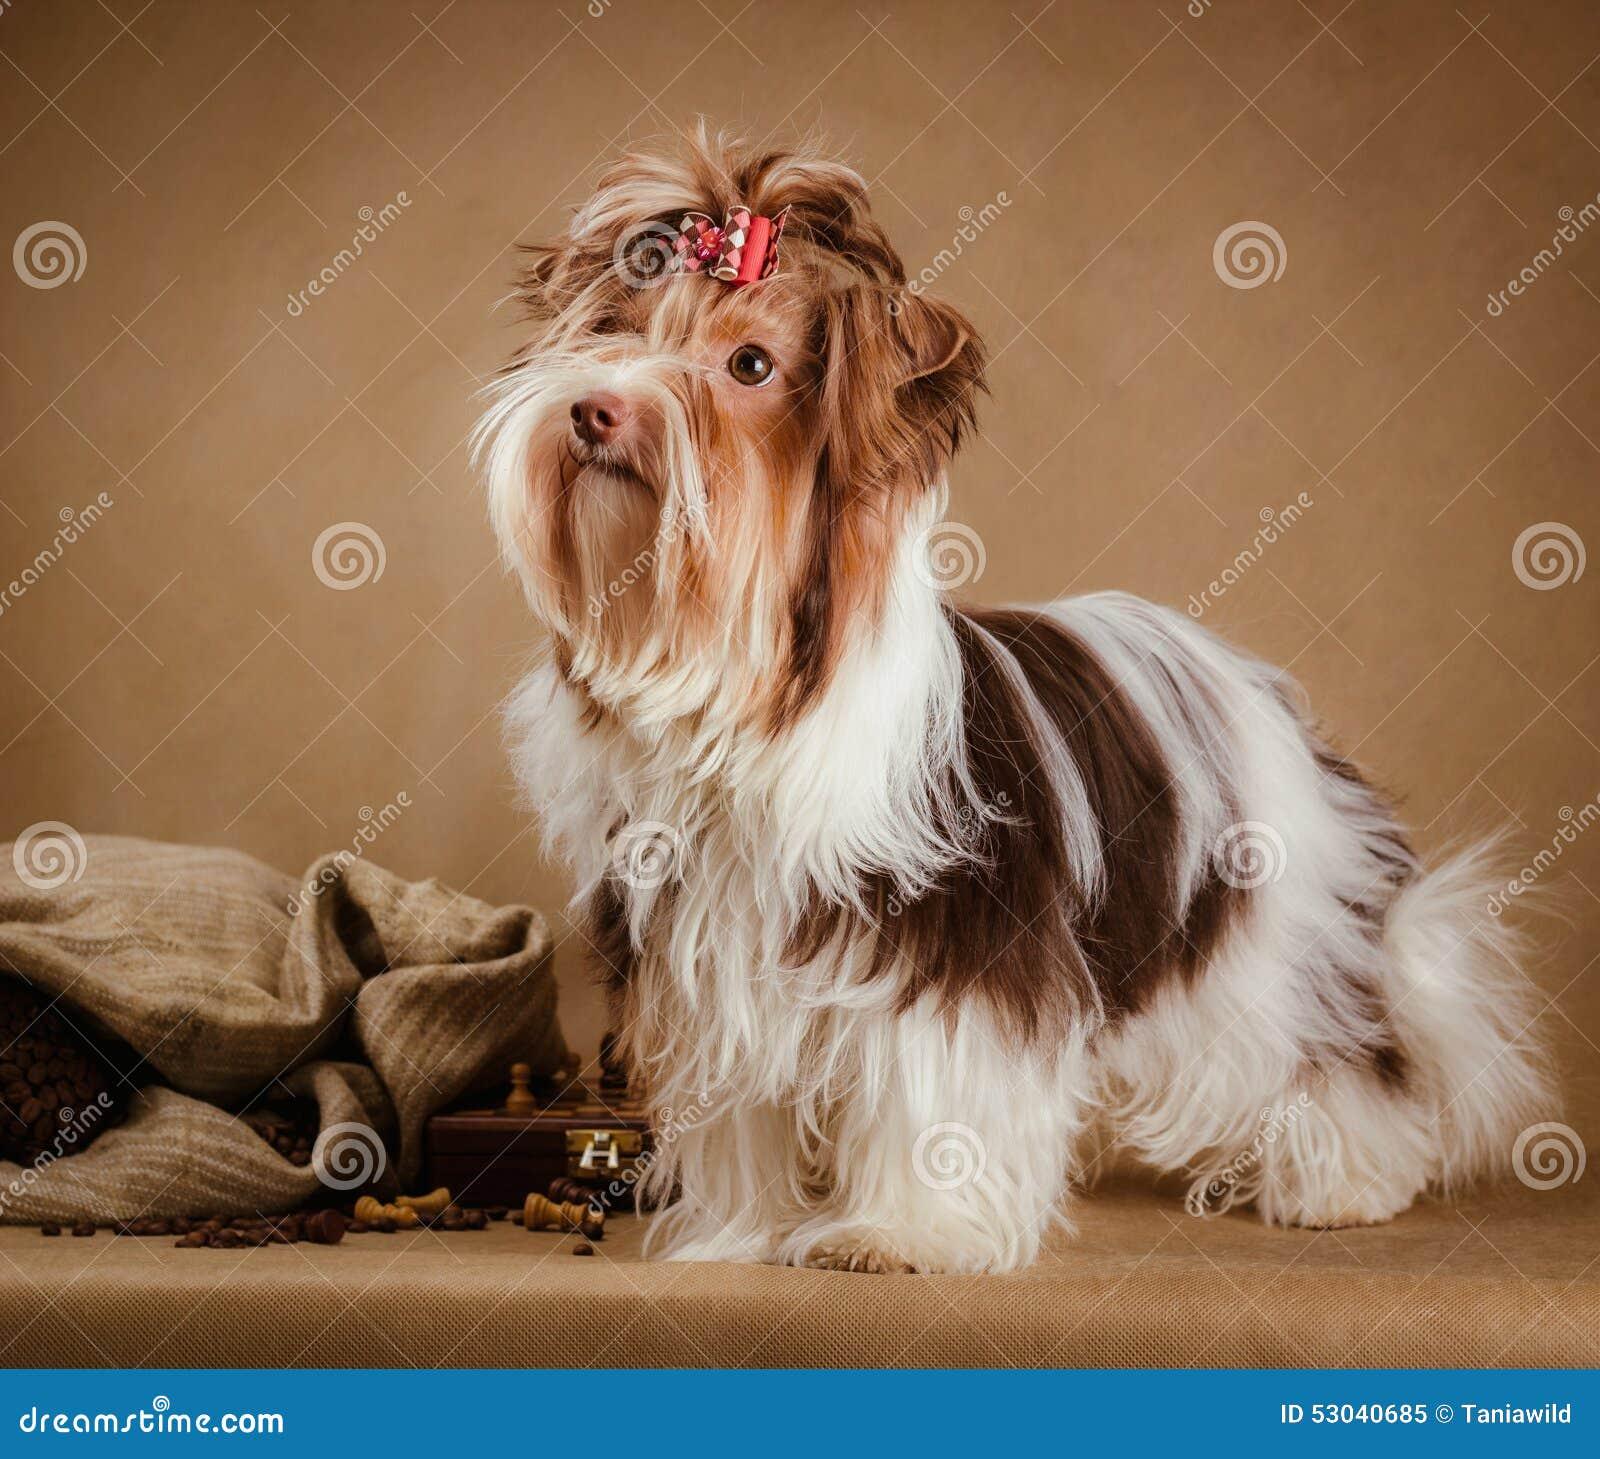 Terrierwelpe Biewer Yorkshire Auf Braunem Hintergrund Stockbild